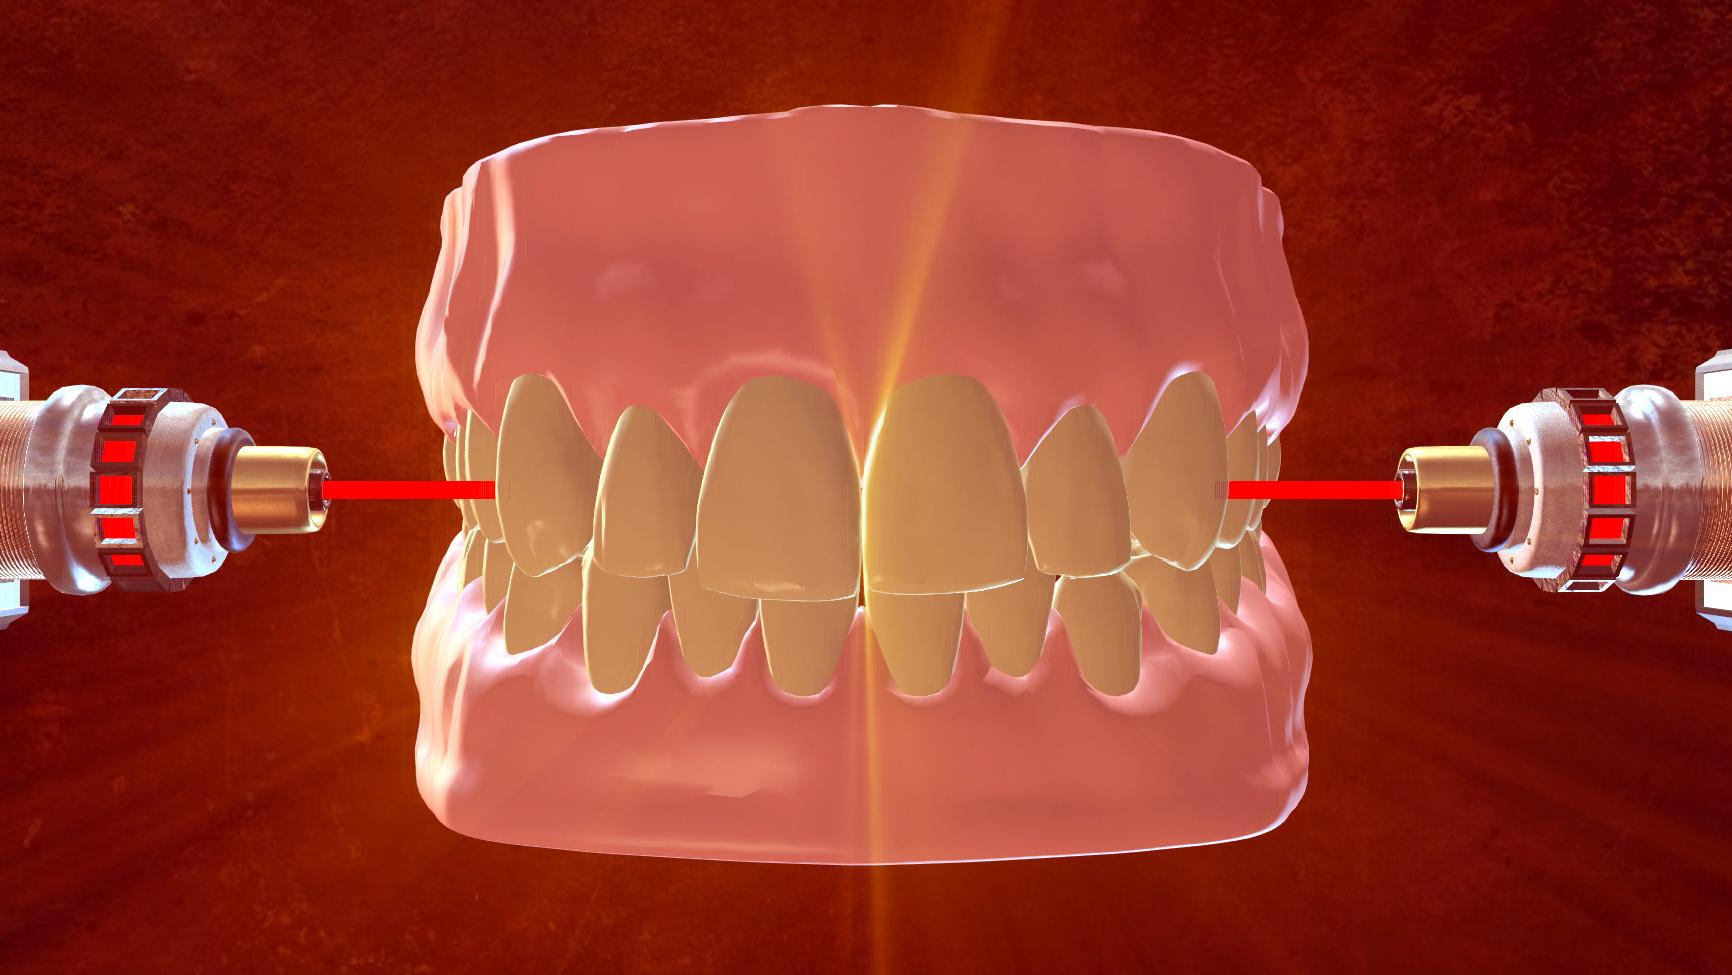 Metal Fillings No More: Lasers Used to Rebuild Teeth